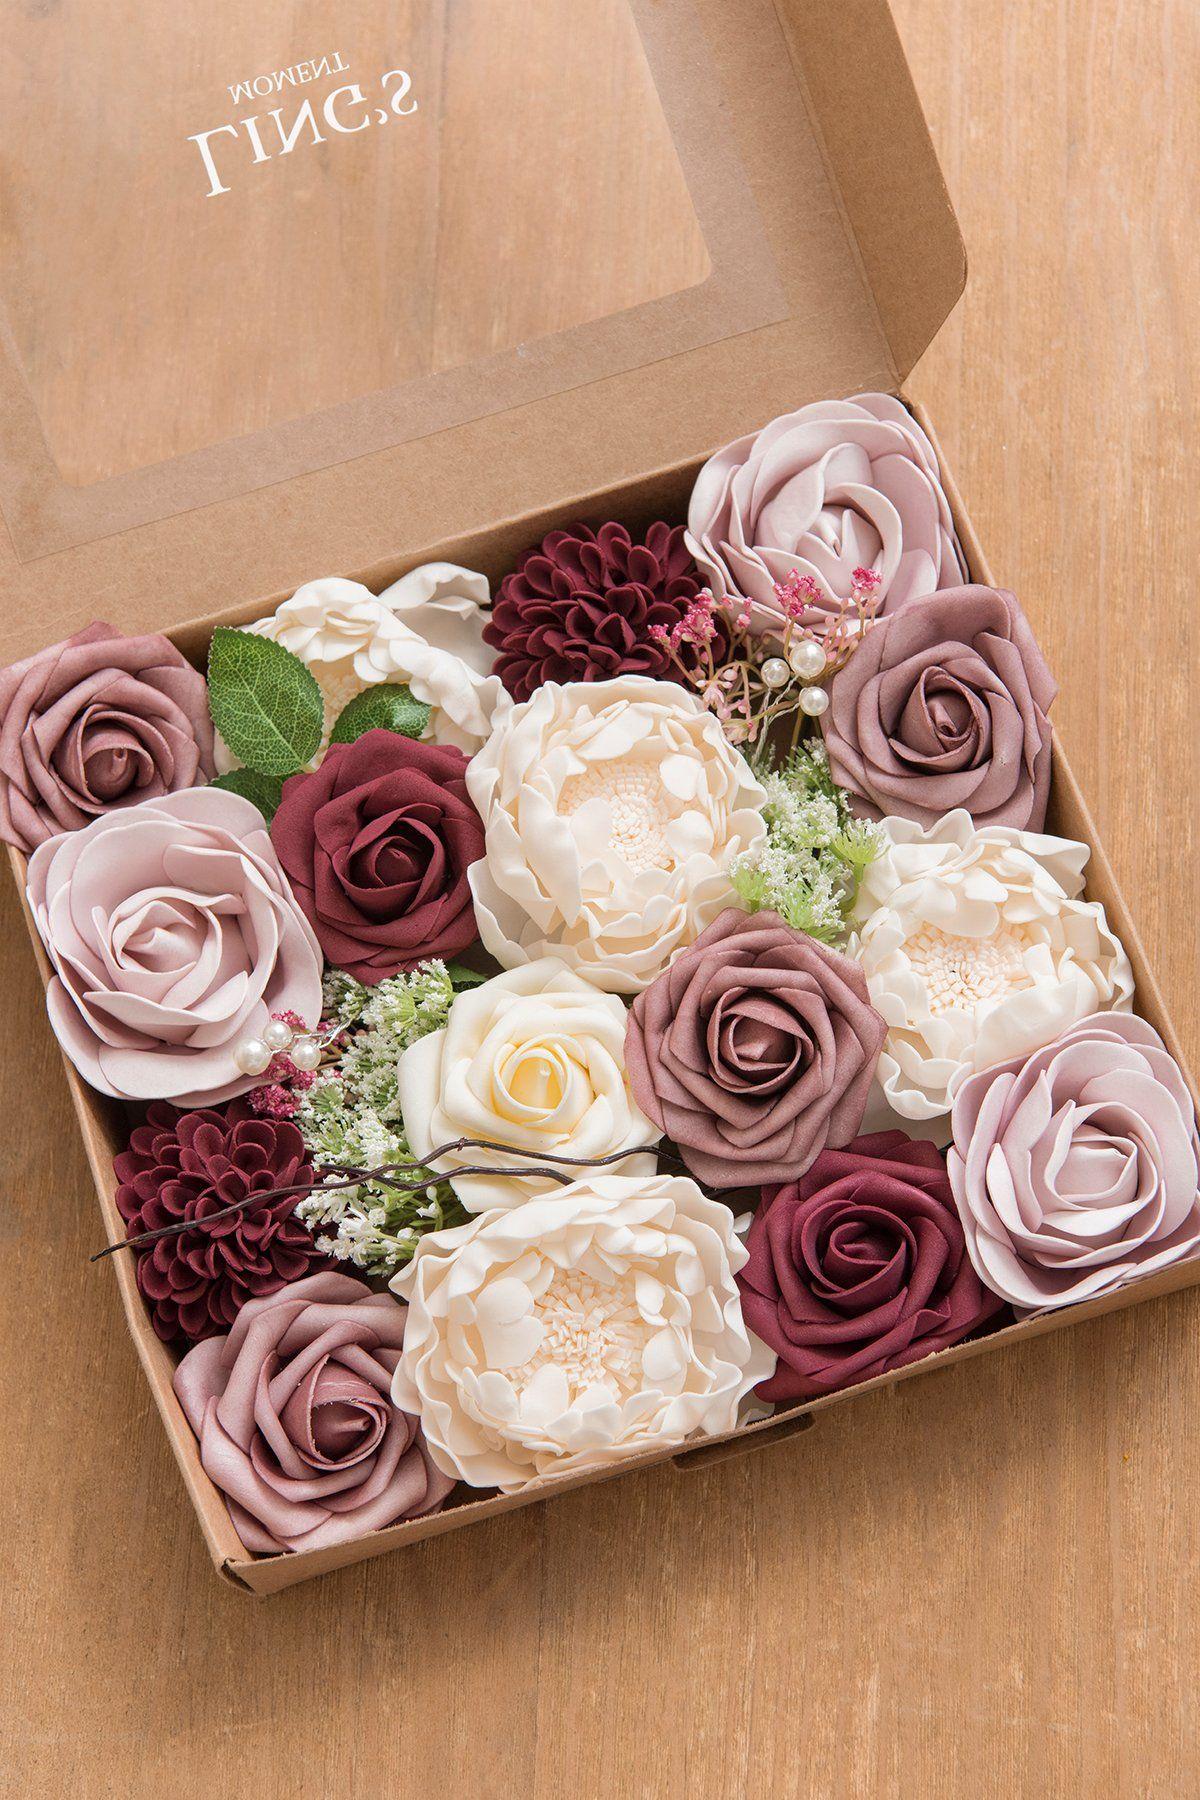 Dusty Rose Burgundy Flower Combo Box Set 14 Style In 2020 Mit Bildern Hochzeitsdeko Geschenkideen Hochzeit